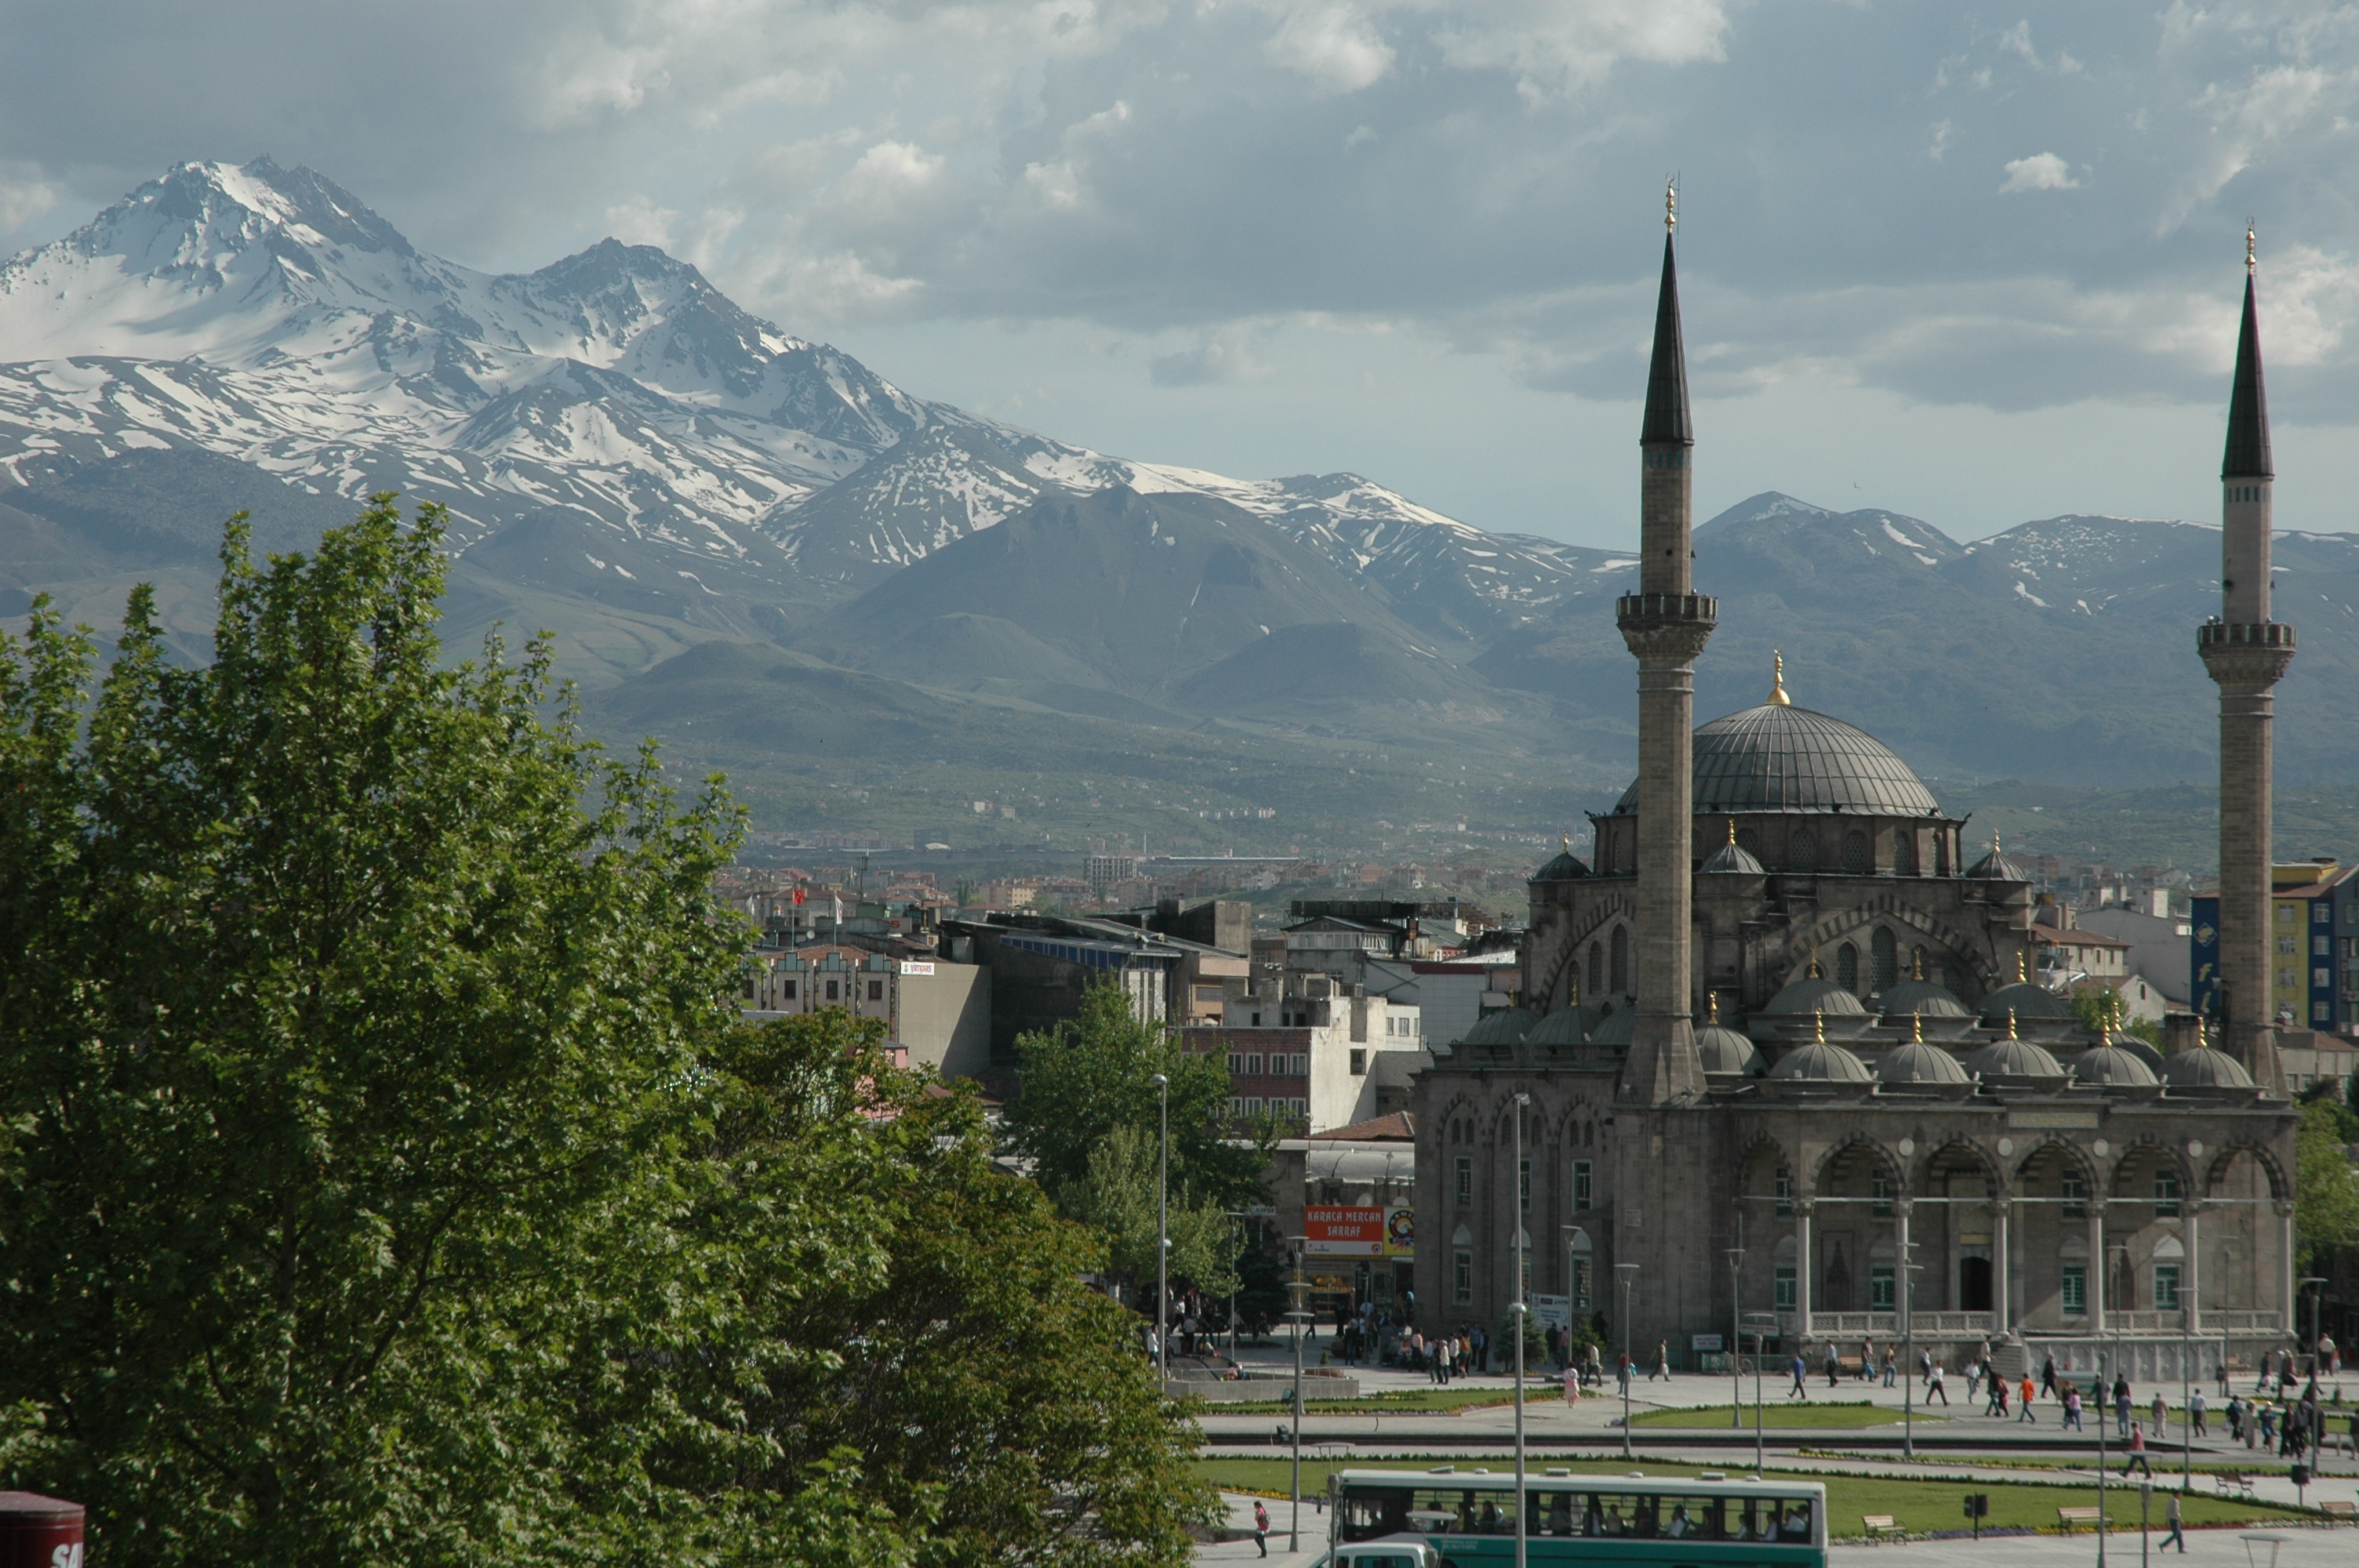 File:Kayserideki Erciyes dağı ve Bürüngüz camii.JPG - Wikimedia Commons